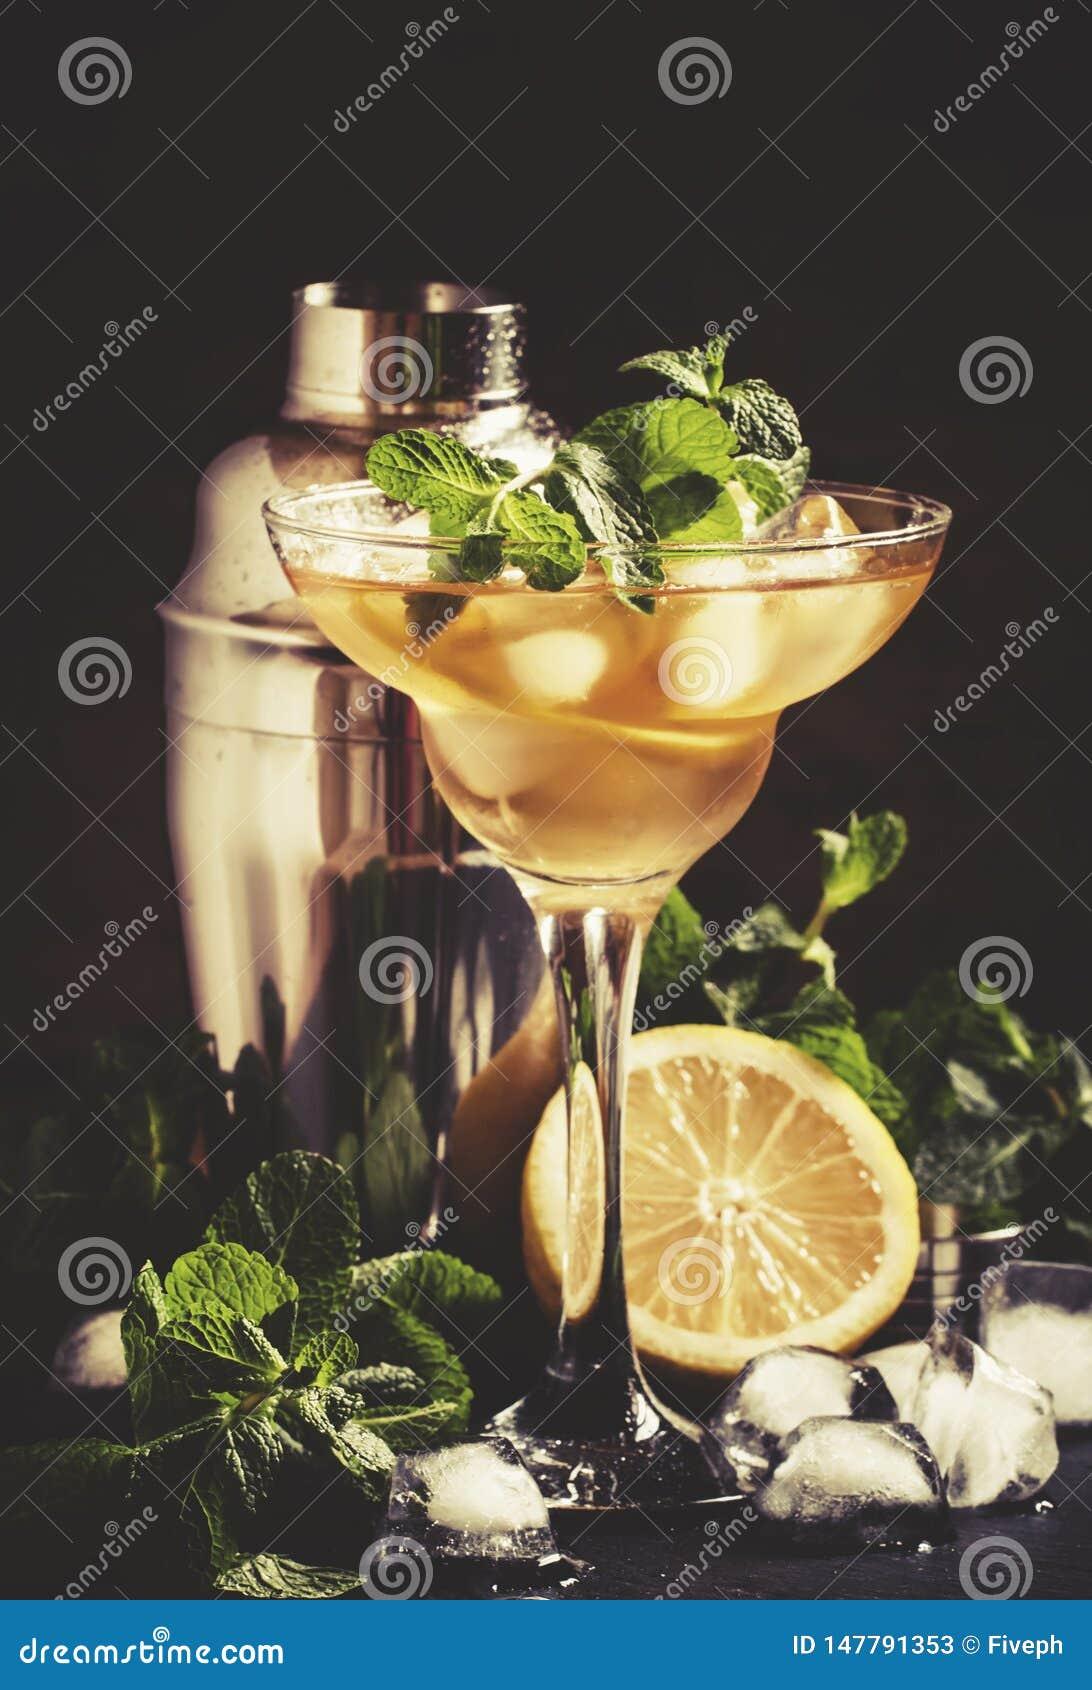 Franz?sische Daiquiri-, Alkoholcocktail- mit Zitronensaft, Zuckersirup-, Kognak-, Minzen- und Eisw?rfel, schwarzer Hintergrund, s